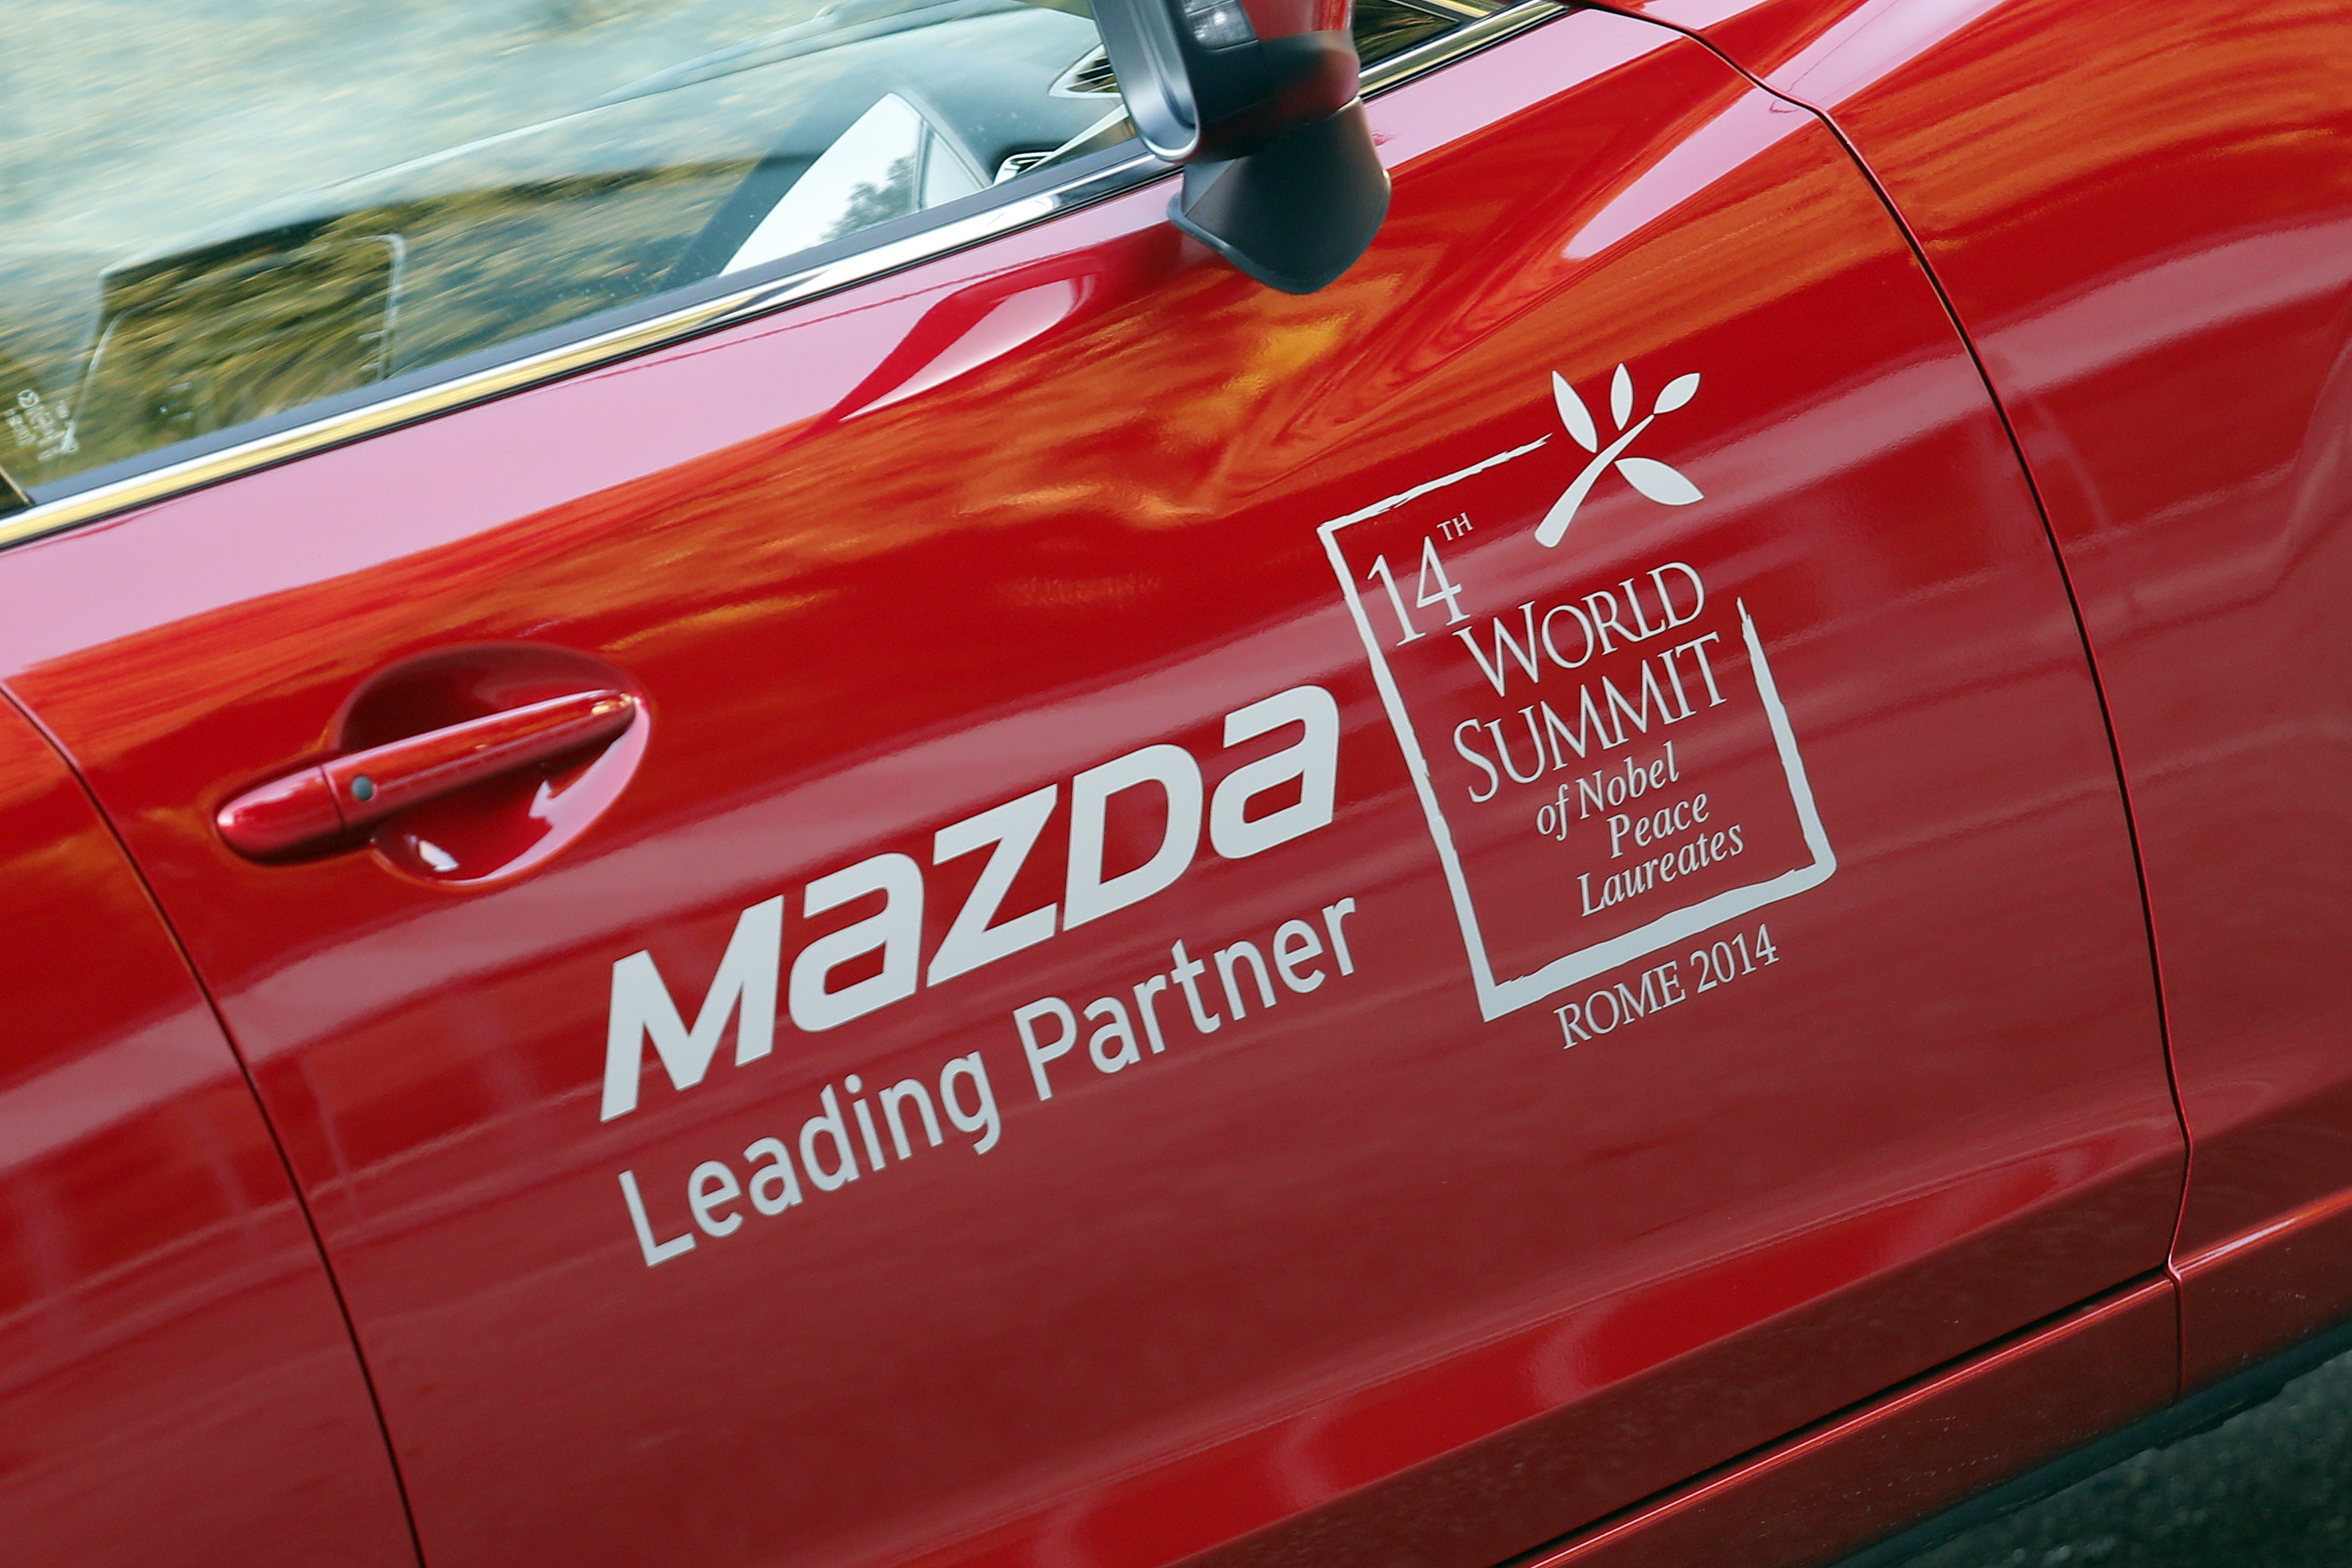 Mazda e il summit dei Nobel per la Pace